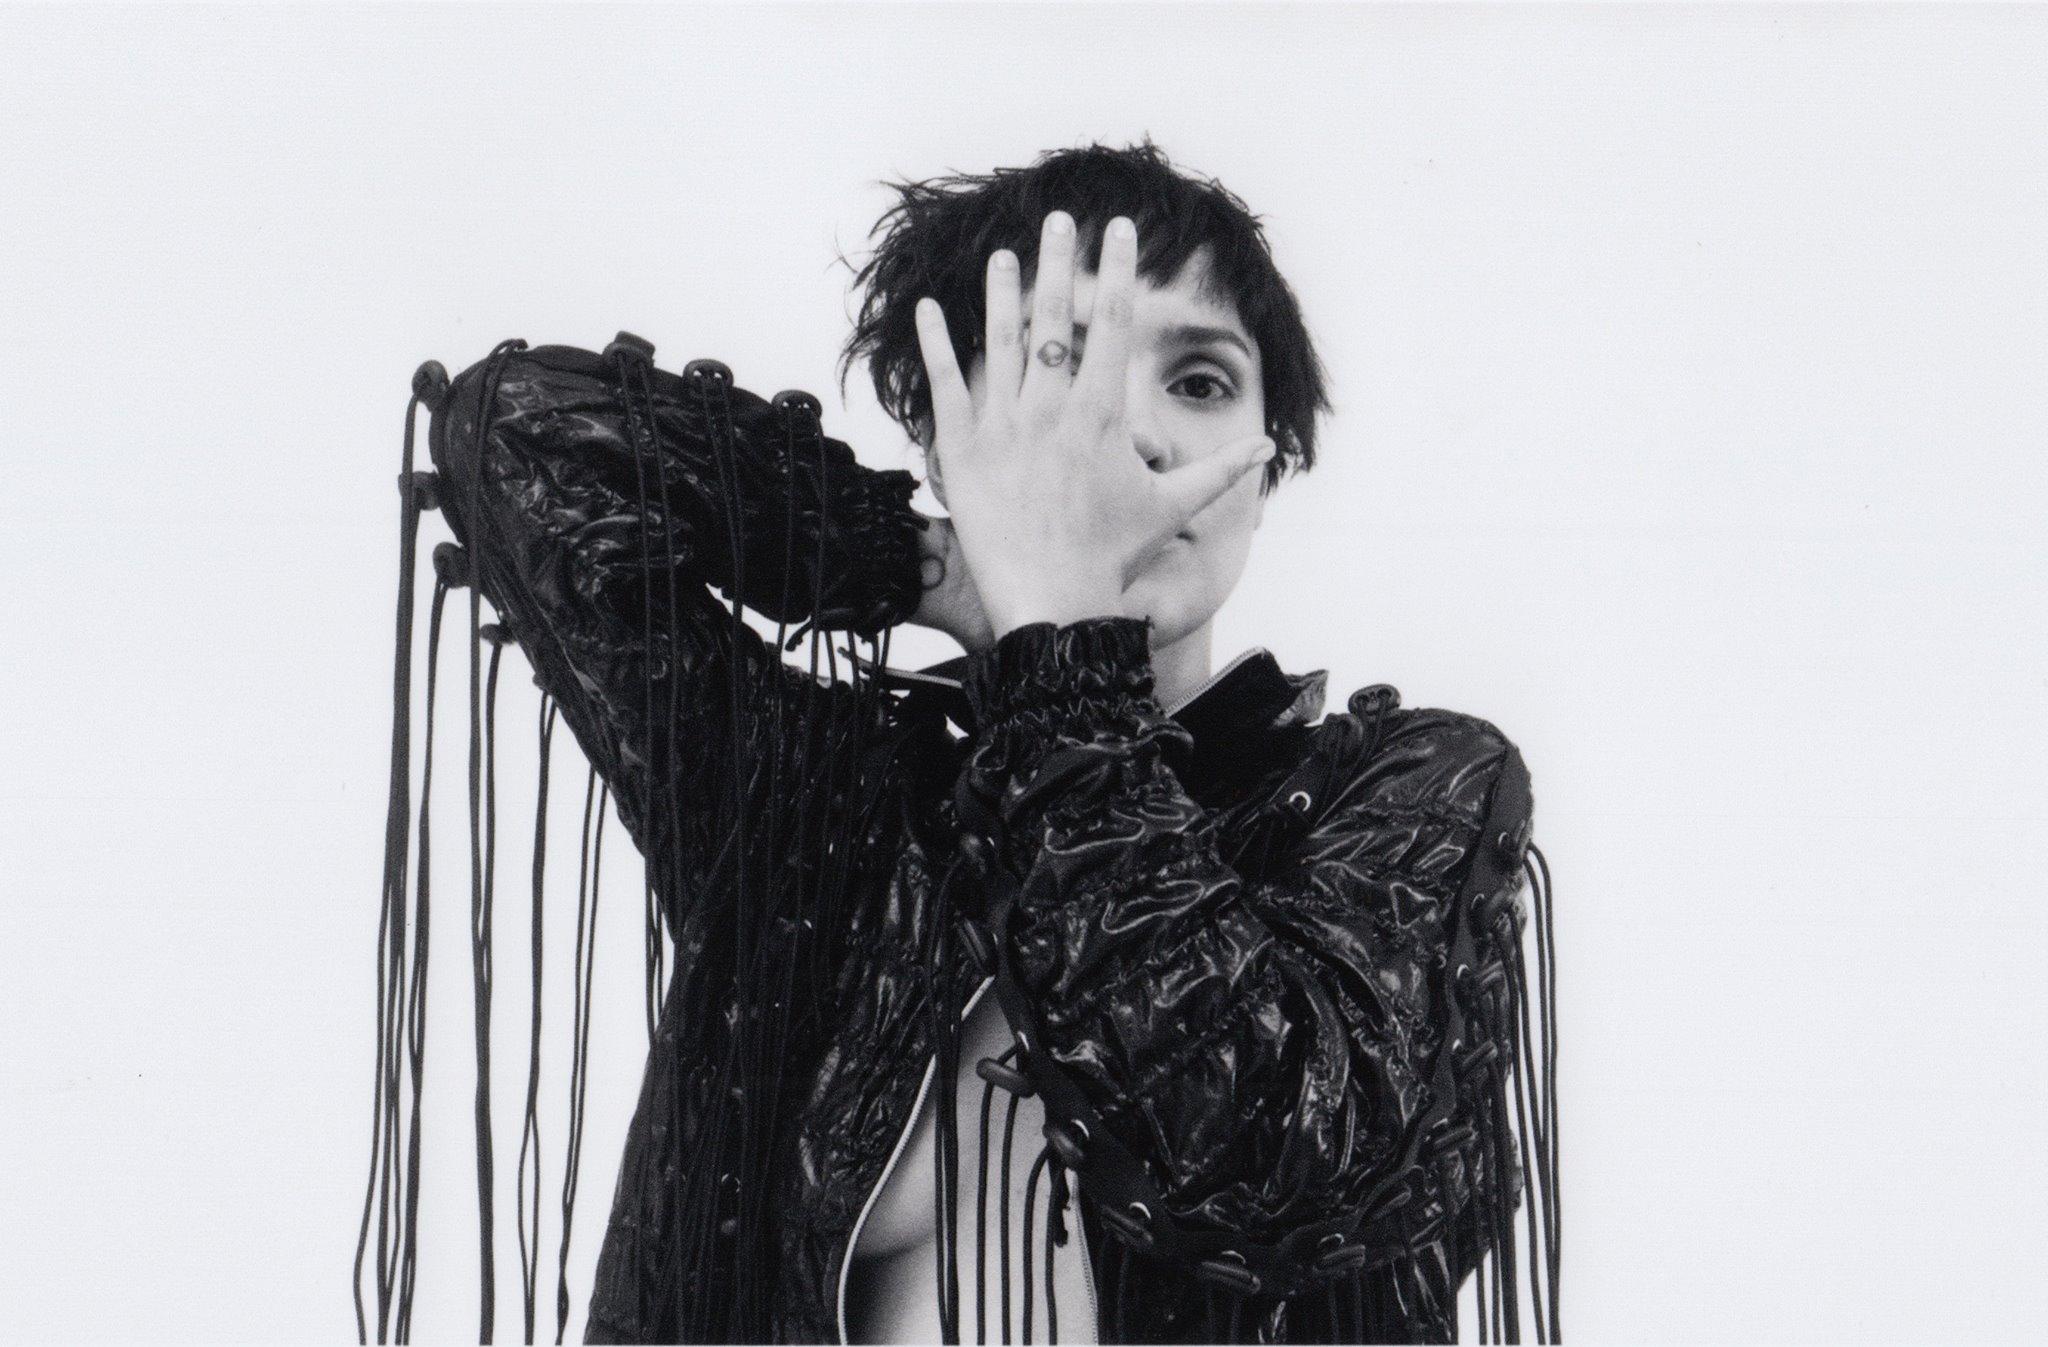 Rubio, el proyecto solista de Fran Straube ya adelanta su primer disco